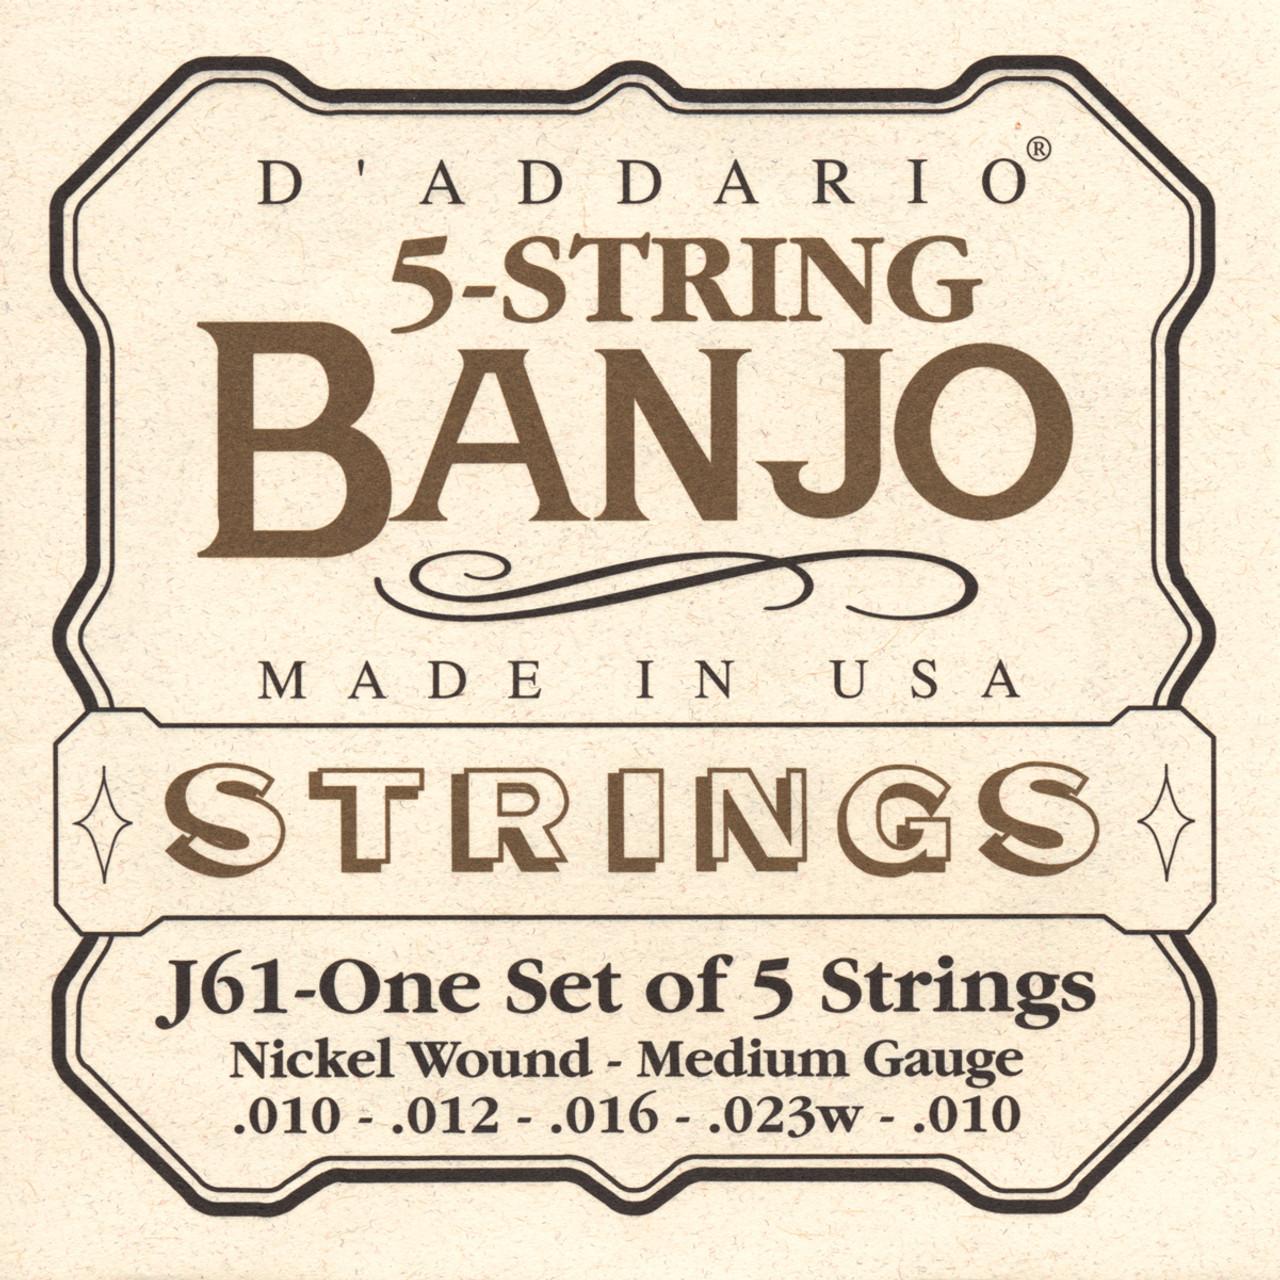 D'addario J61 Nickel Wound Banjo Strings